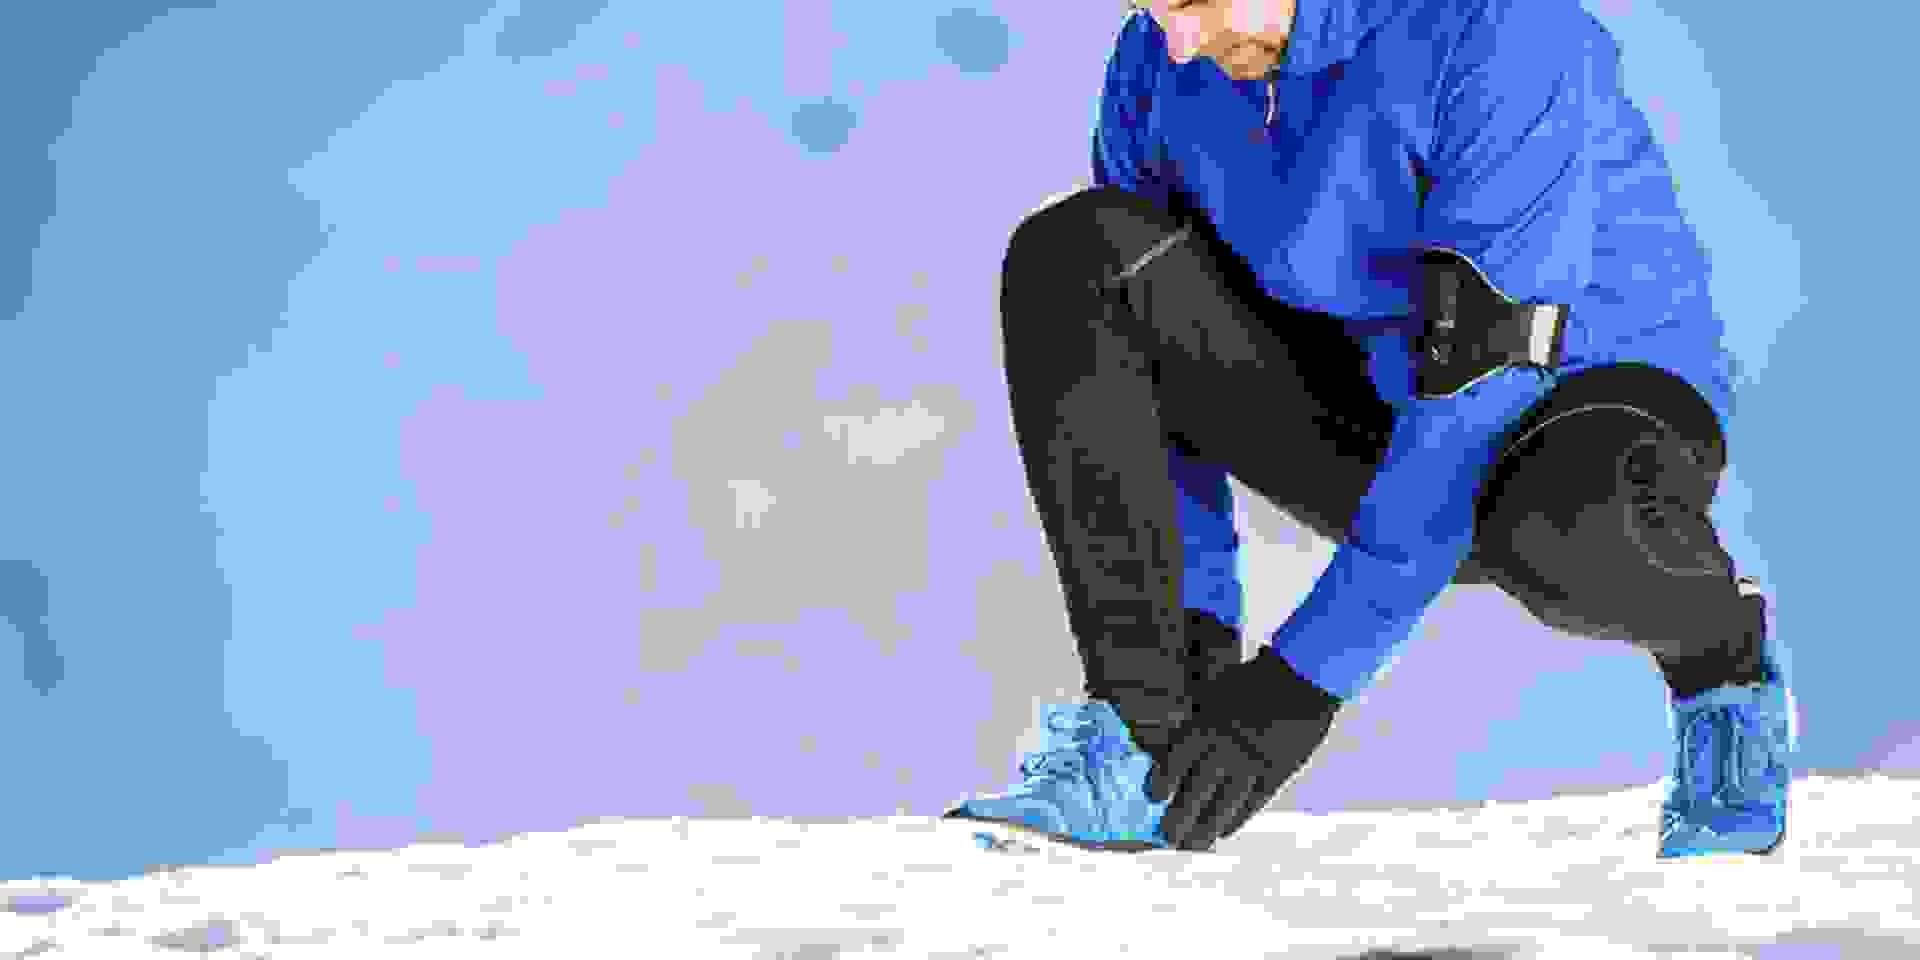 Ein Mann kniet im Schnee und bindet sich die Schuhe.